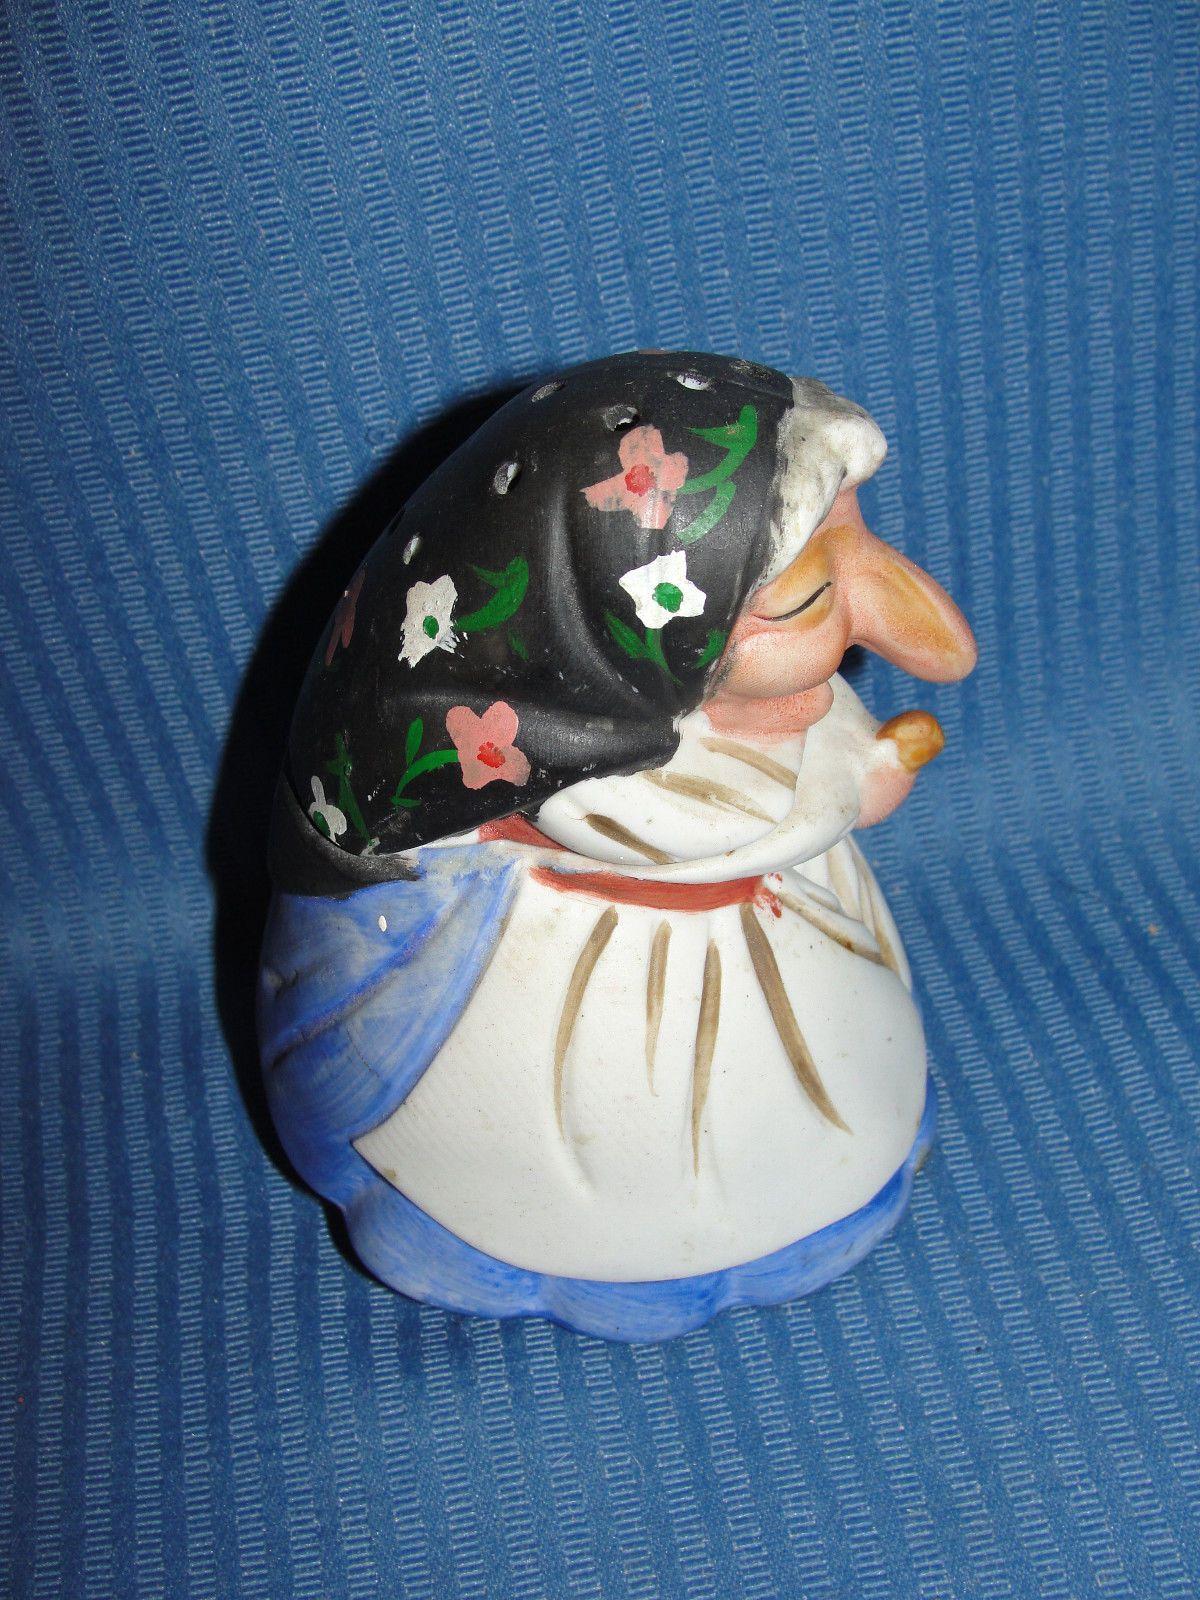 Vintage Good Luck Kitchen Witch Holder Ceramic Figure 1980 WA | eBay on haunted kitchen ideas, witch kitchen decor, decorate kitchen ideas, cowboy kitchen ideas, witch potion labels, pumpkin kitchen ideas,